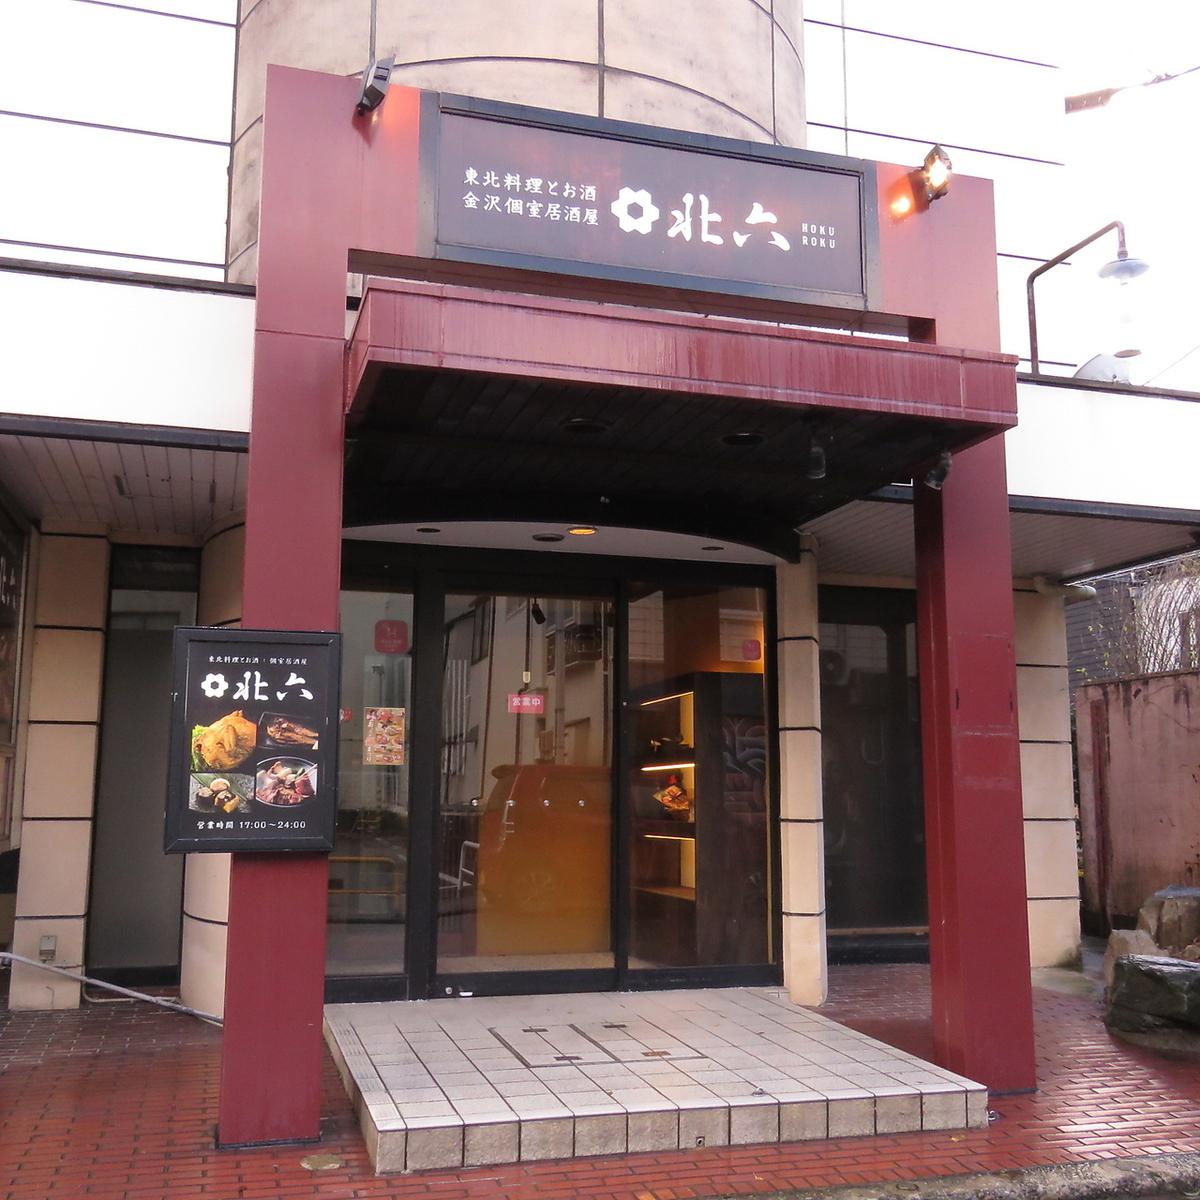 片町スクランブル交差点から徒歩1分★バス停片町中央通りすぐ。松田小児科さん裏になります。